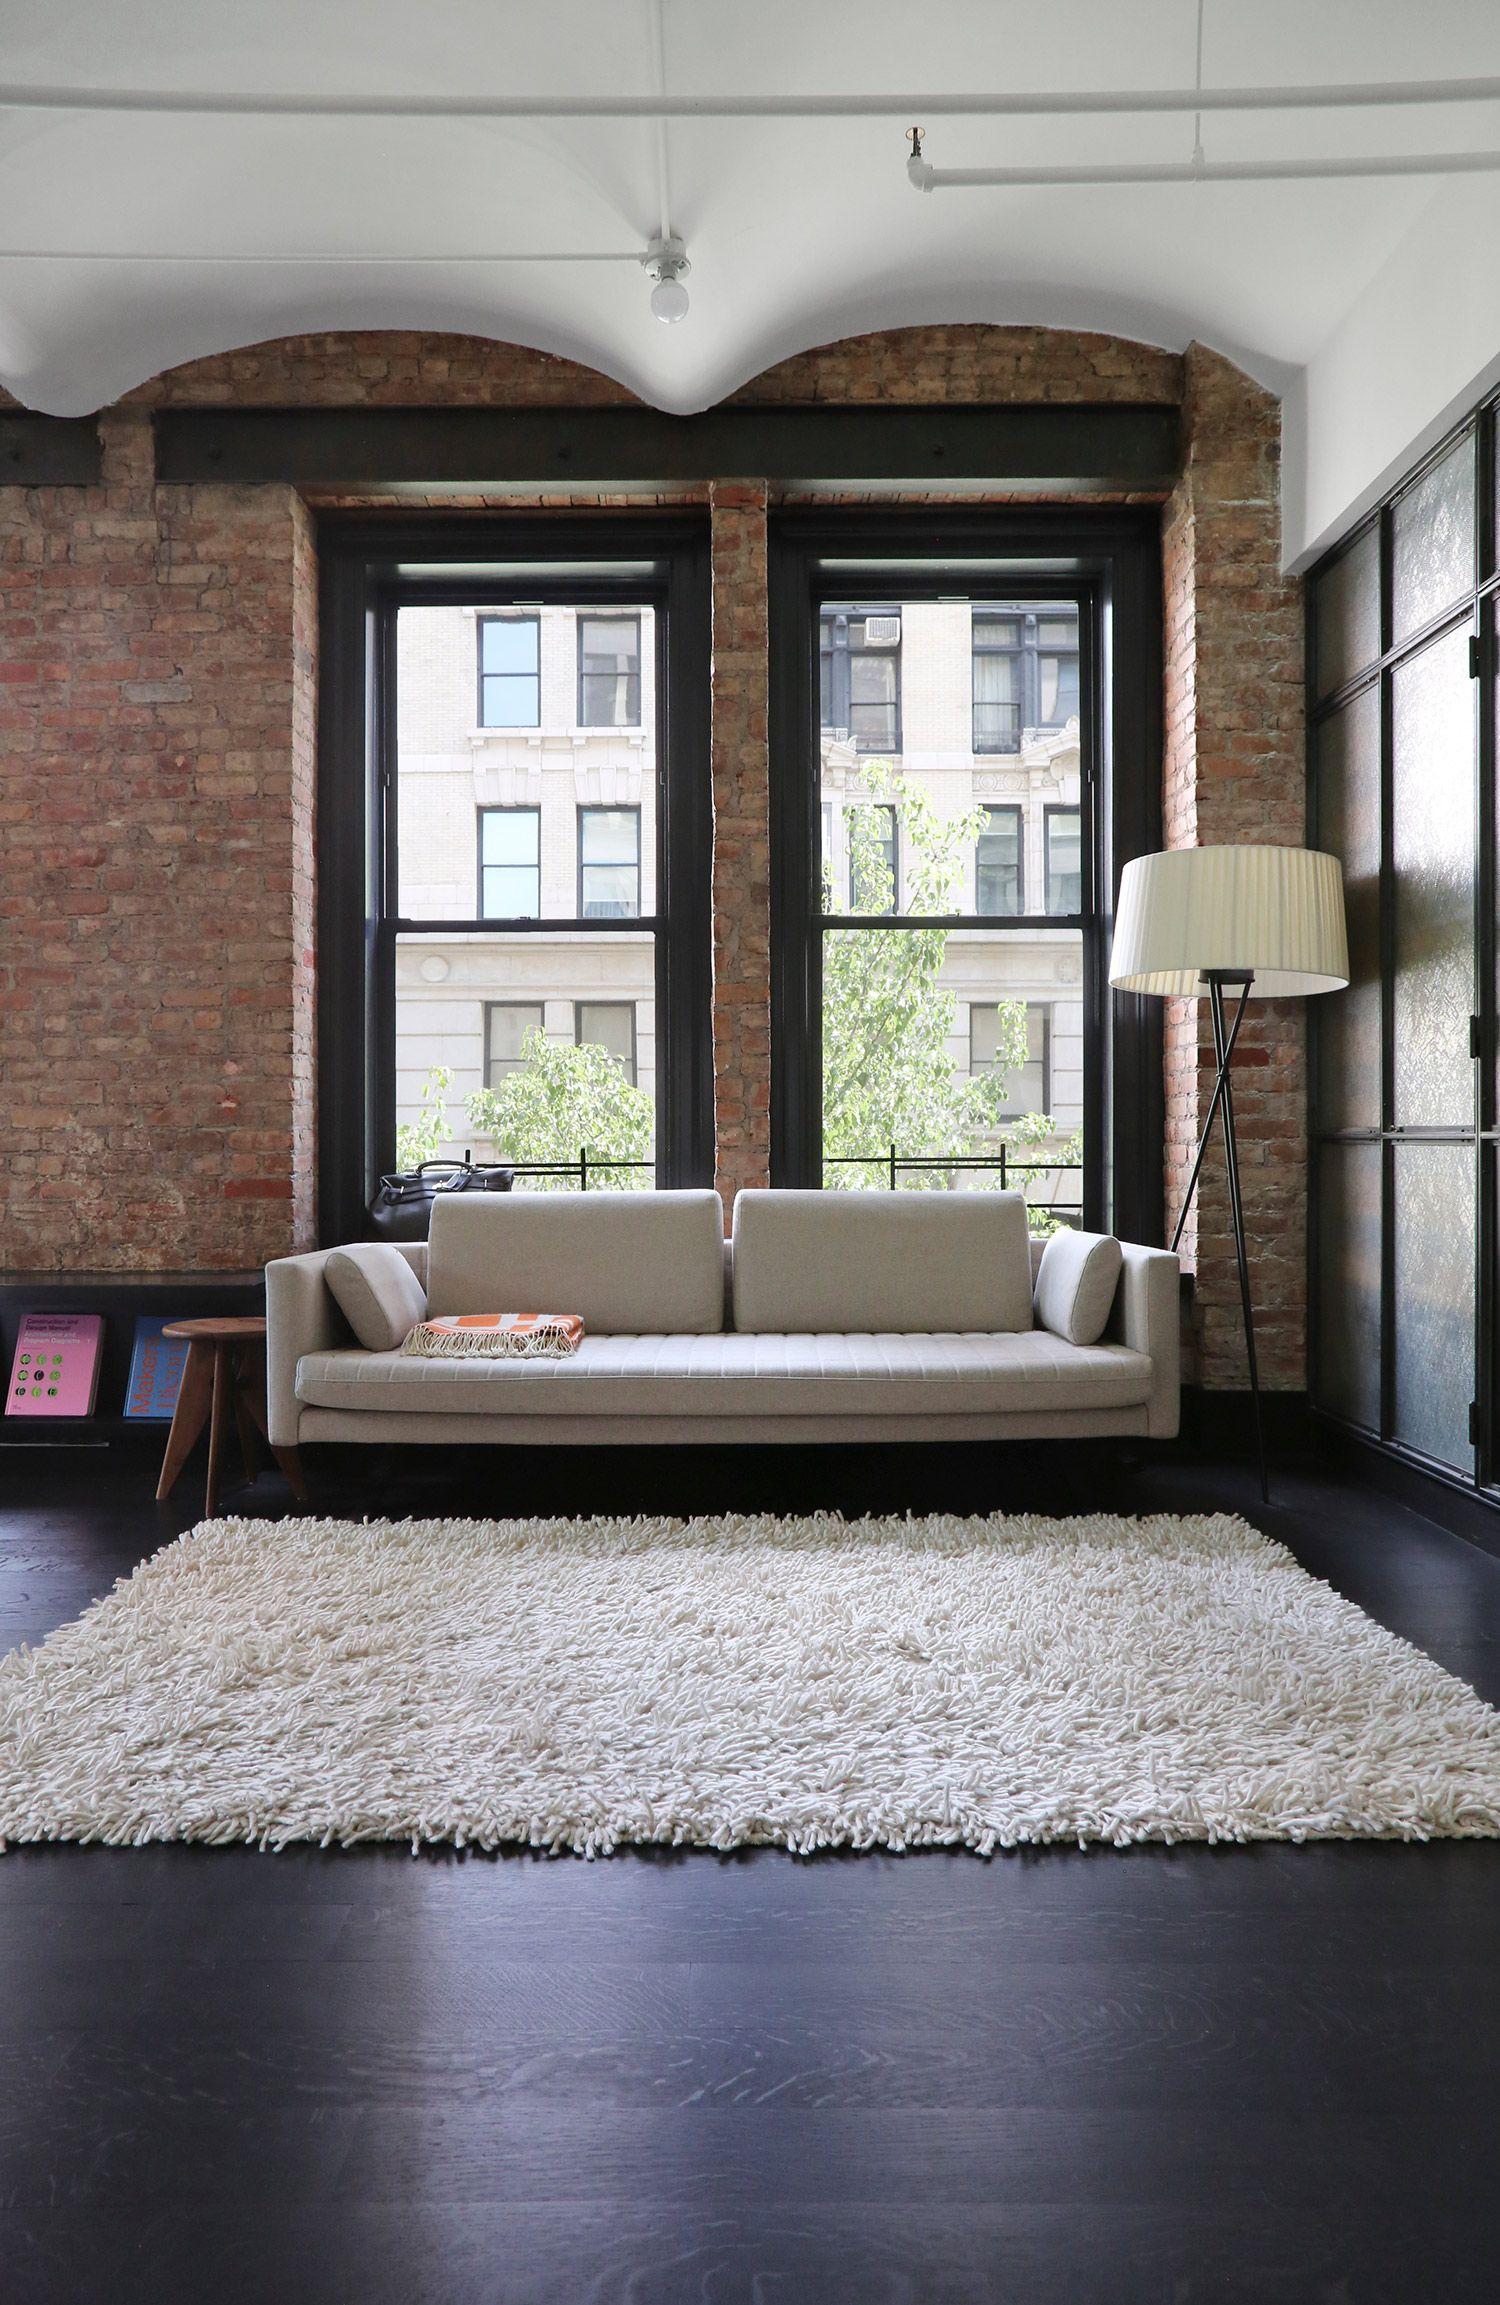 Great Jones Loft In New York Loft Style Homes Loft Style Loft